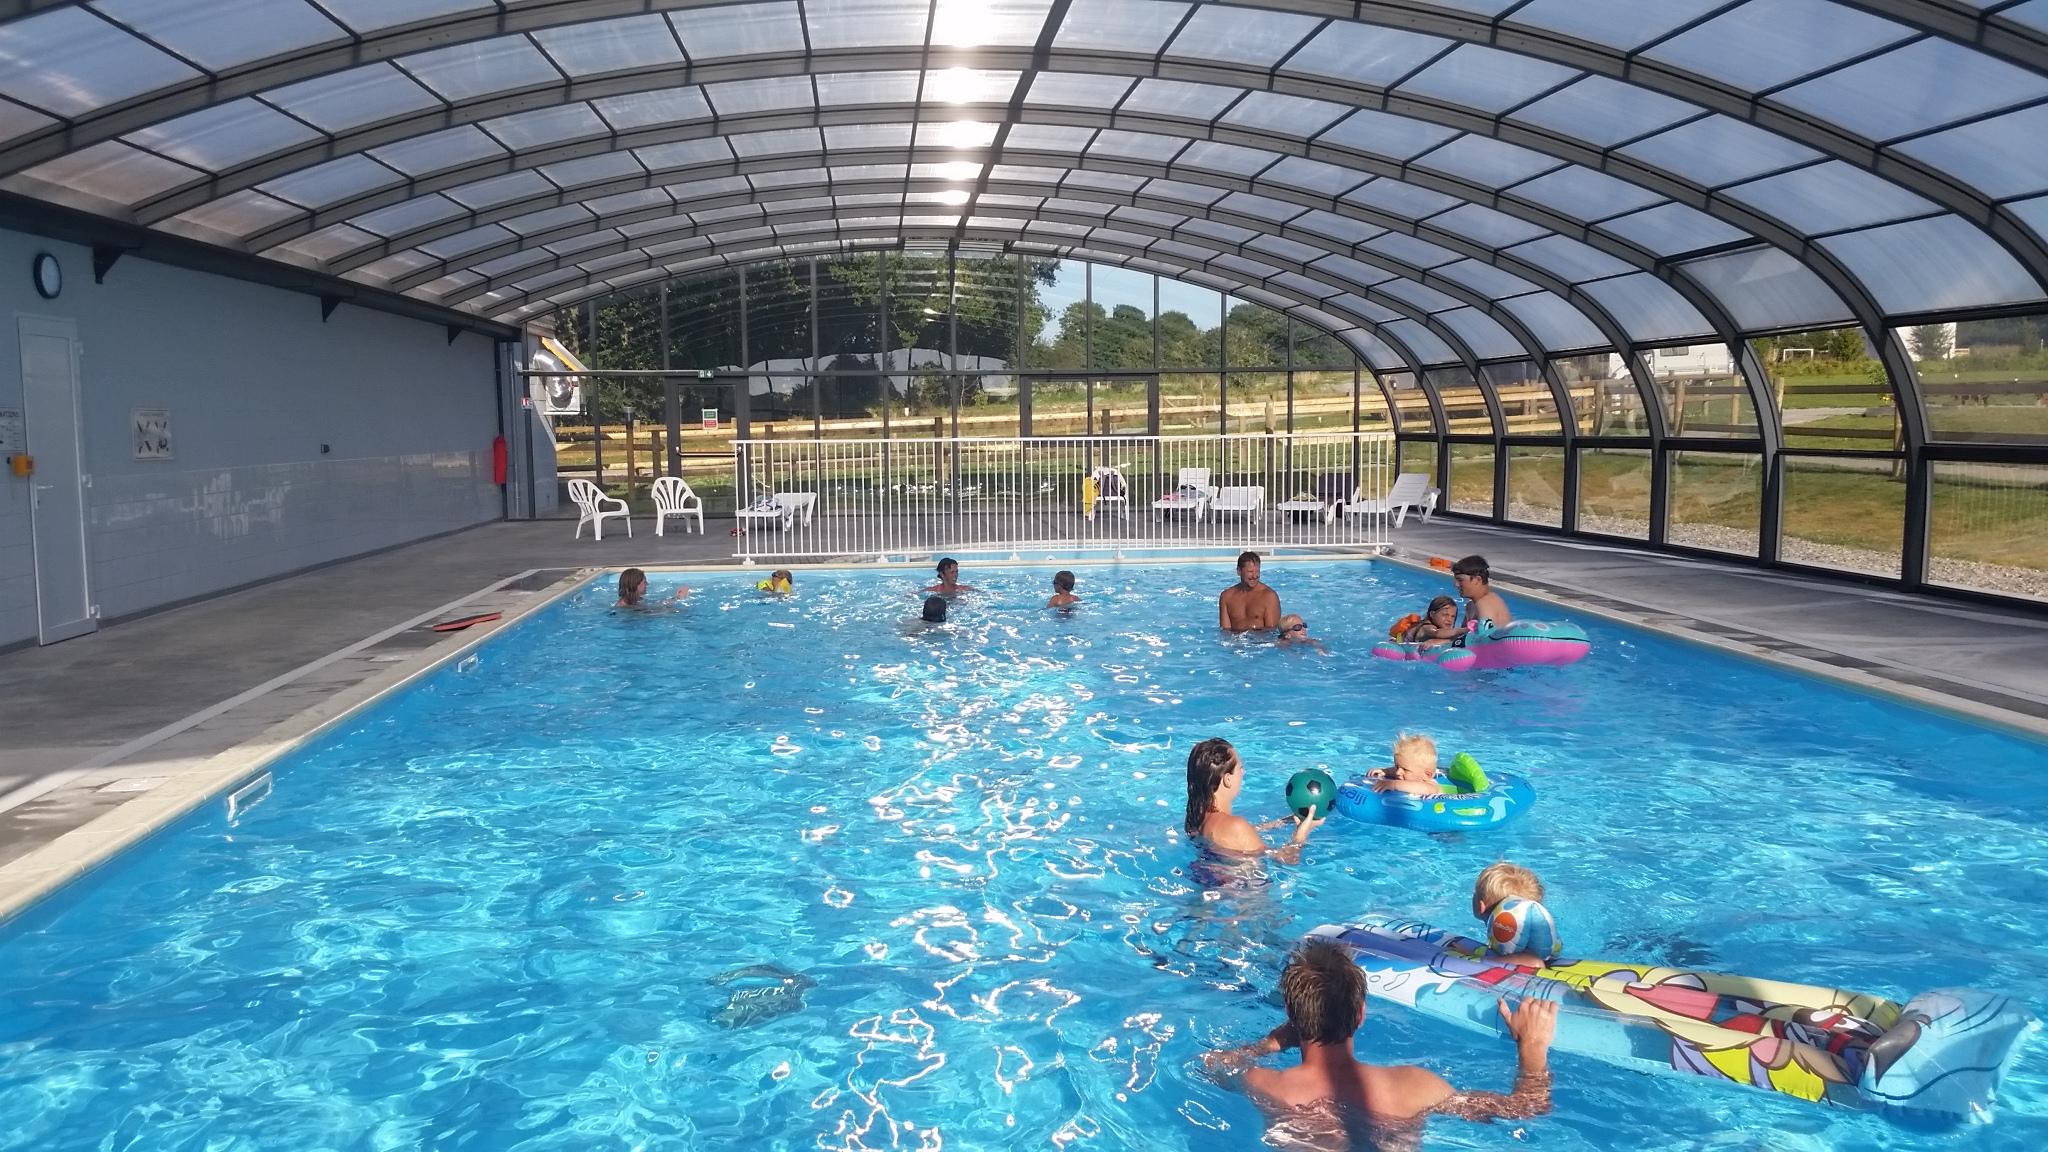 Accueil o2 camping votre h tellerie de plein air avec - Camping normandie avec piscine couverte ...